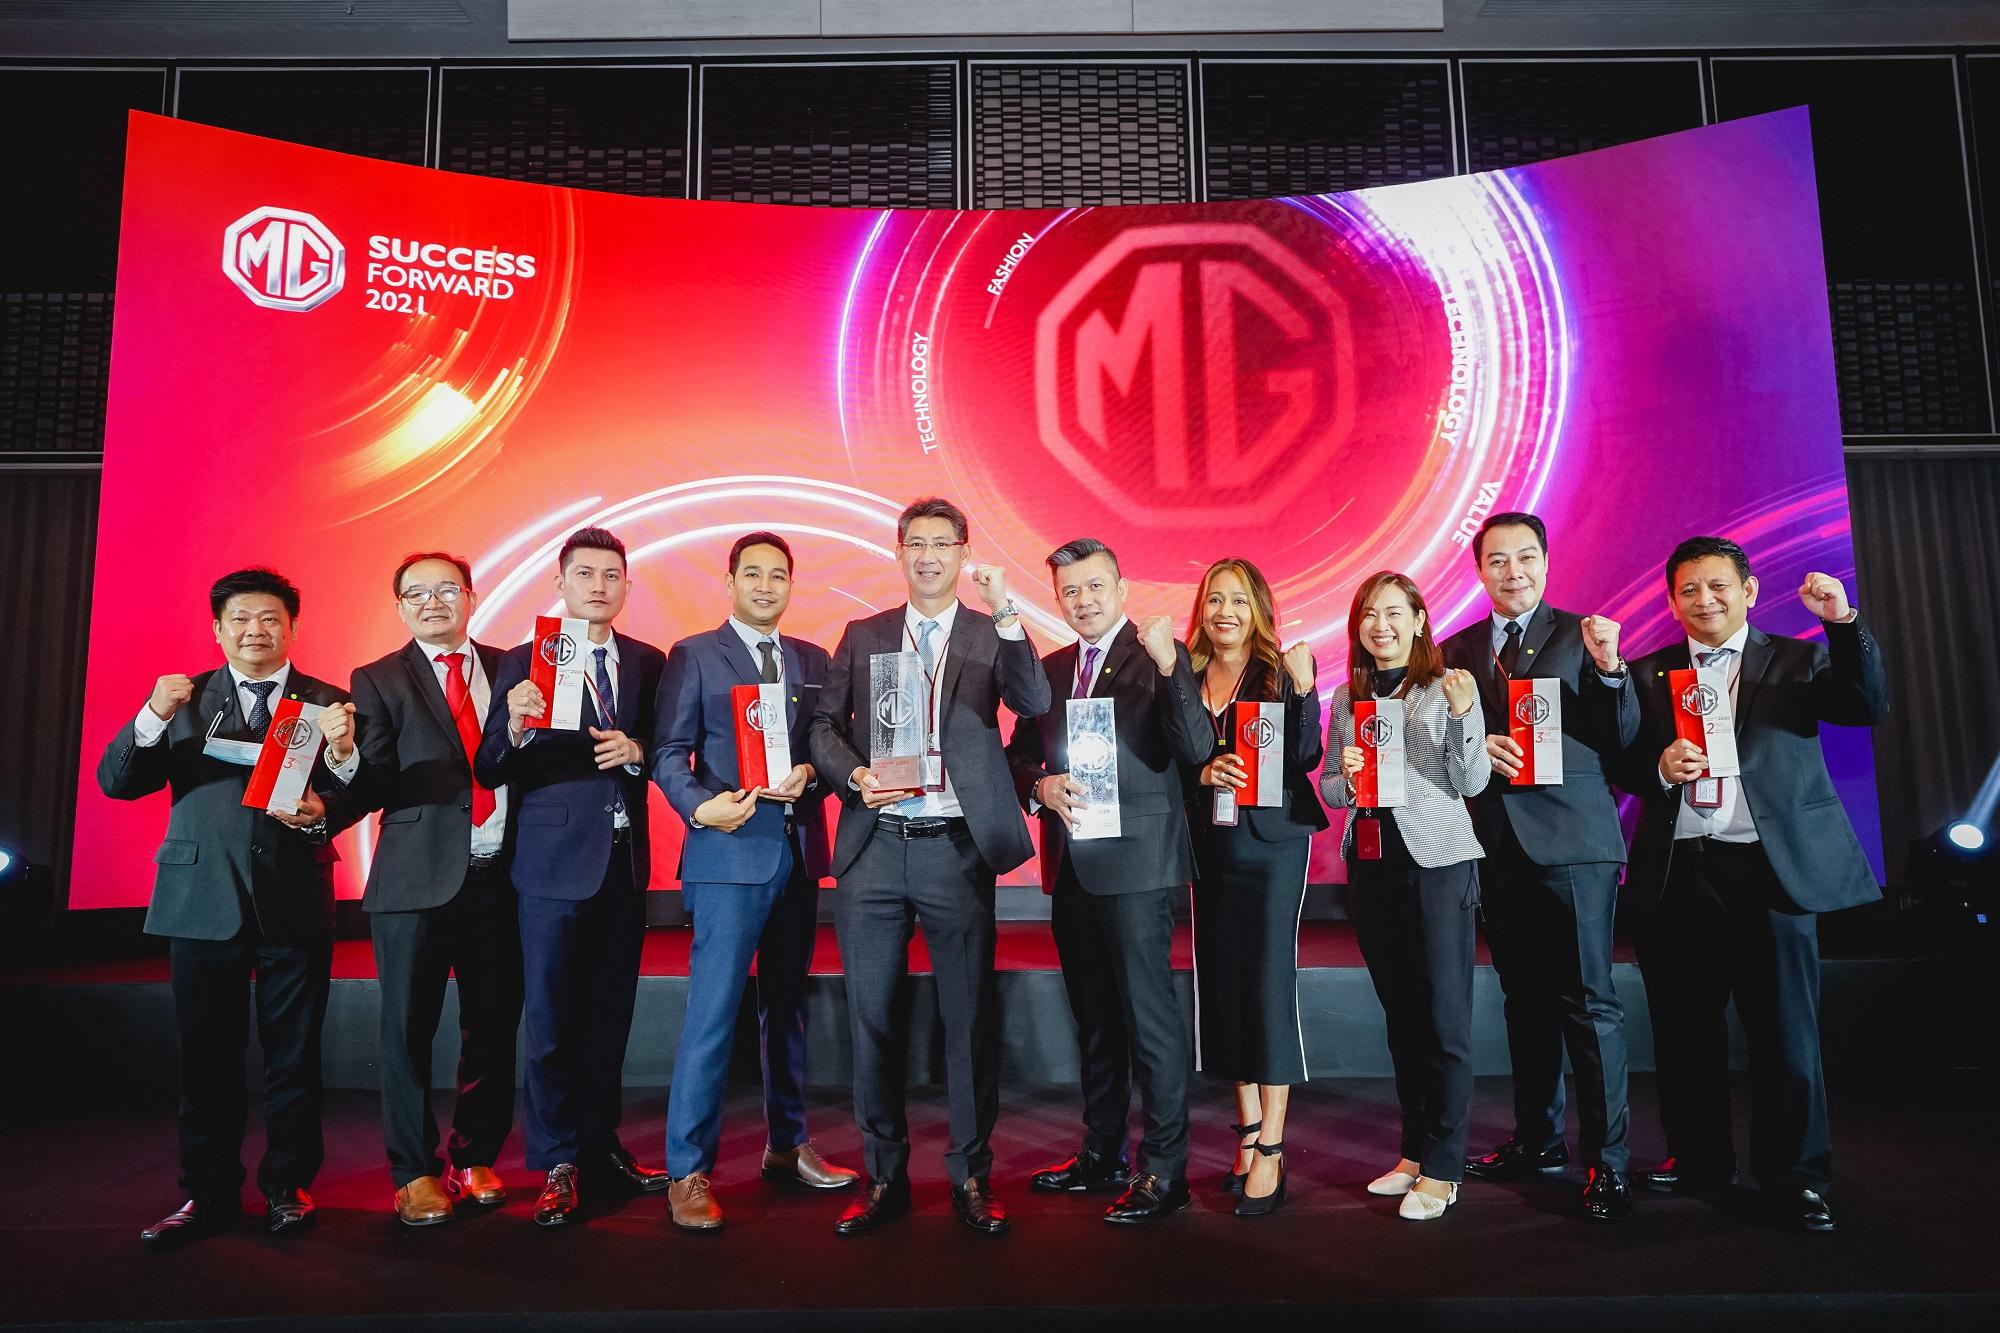 mg MG Dealer Award 2020